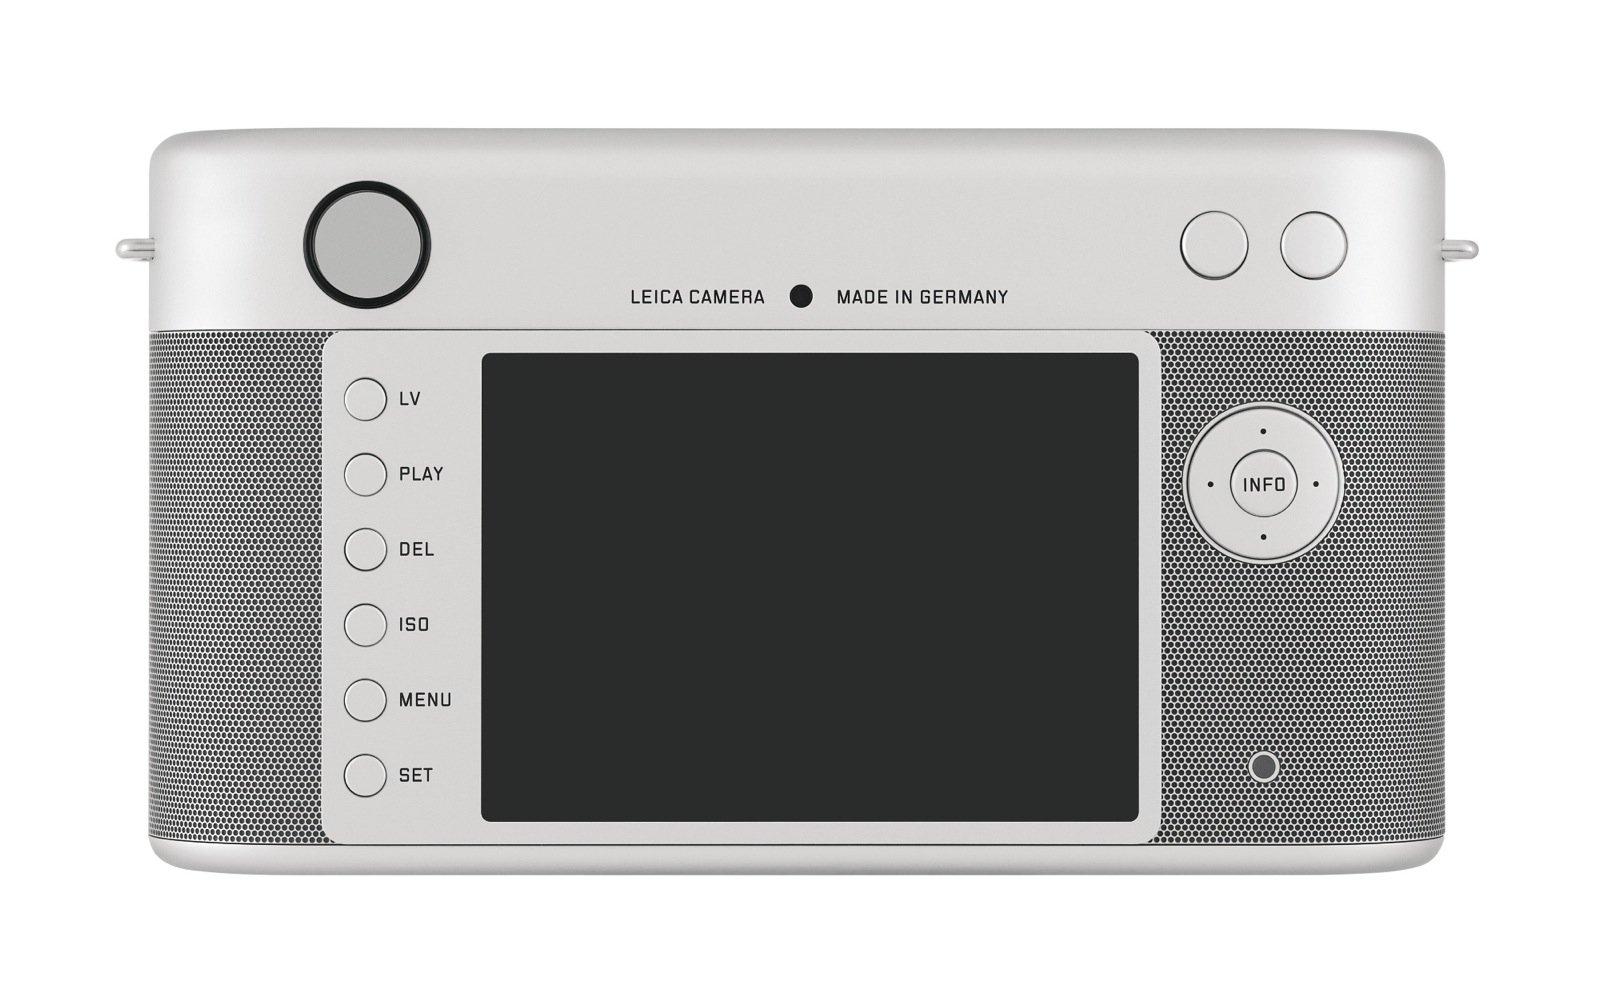 Von hinten unauffällig, die Leica-M. Der Monitor kann aber Full-HD-Video im Format 1080p anzeigen.